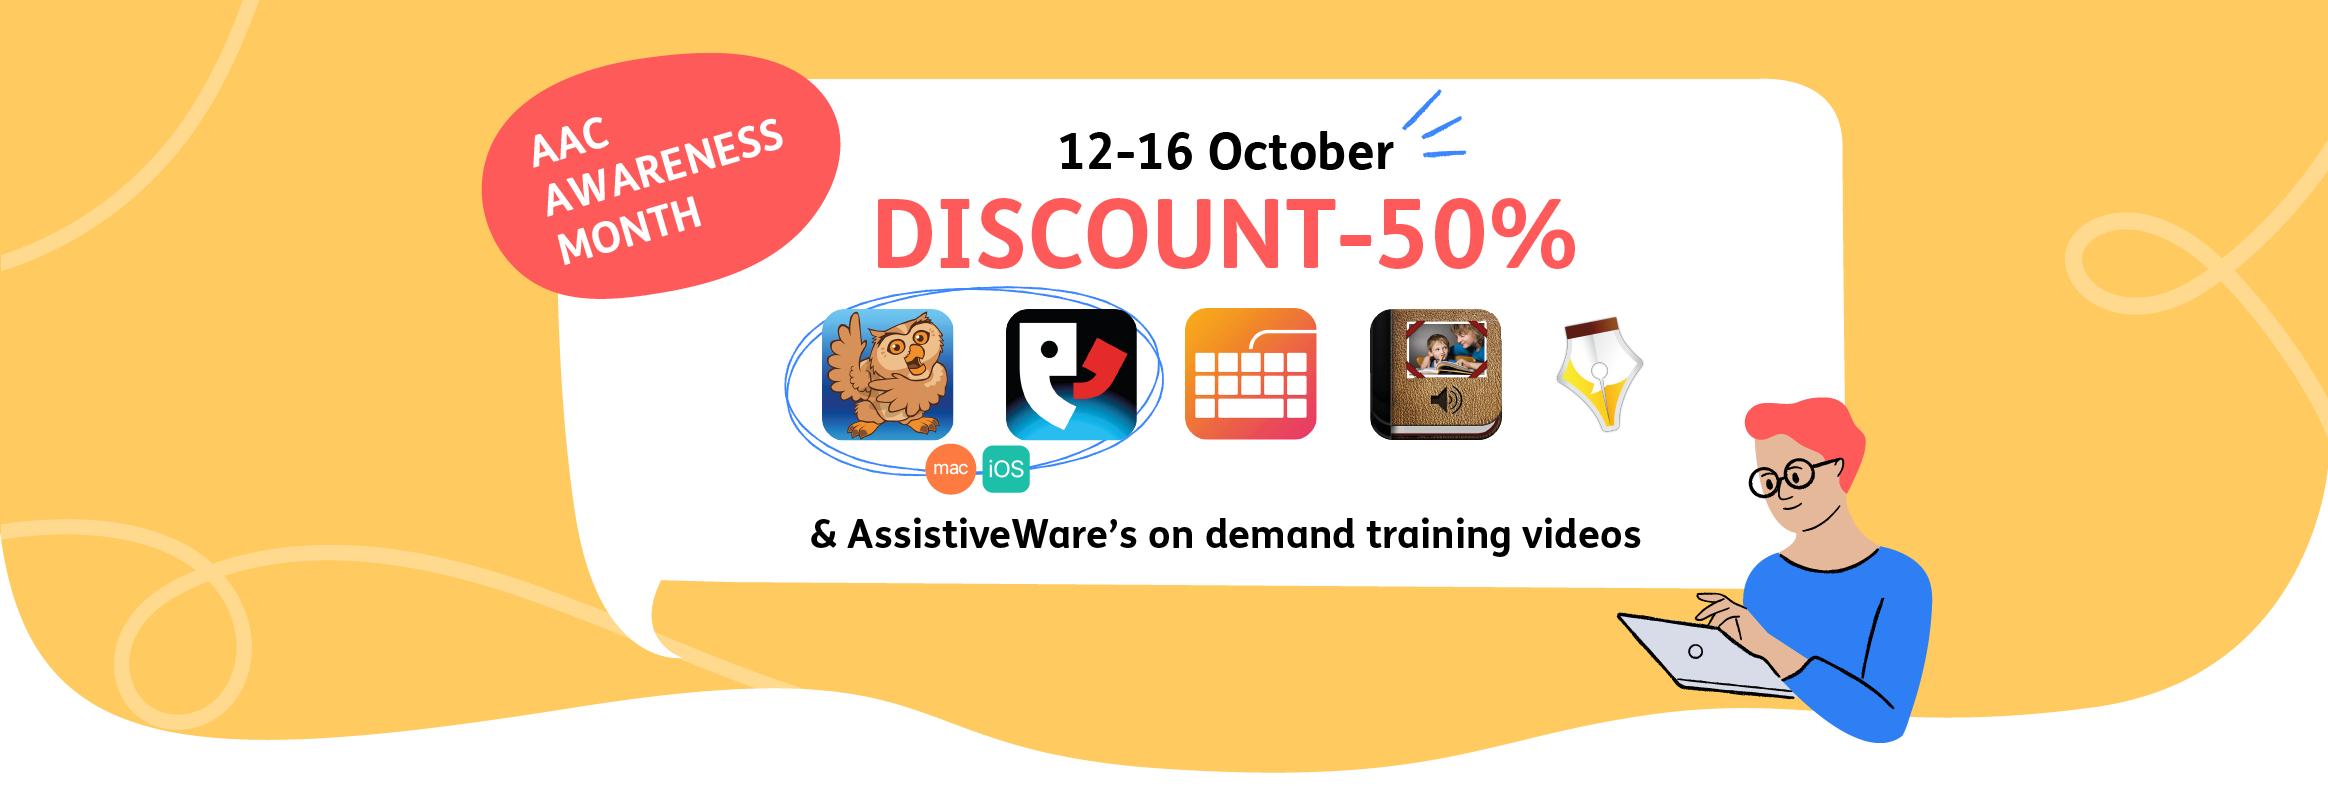 AAC Awareness Month Discount - 50% 12 - 16 October